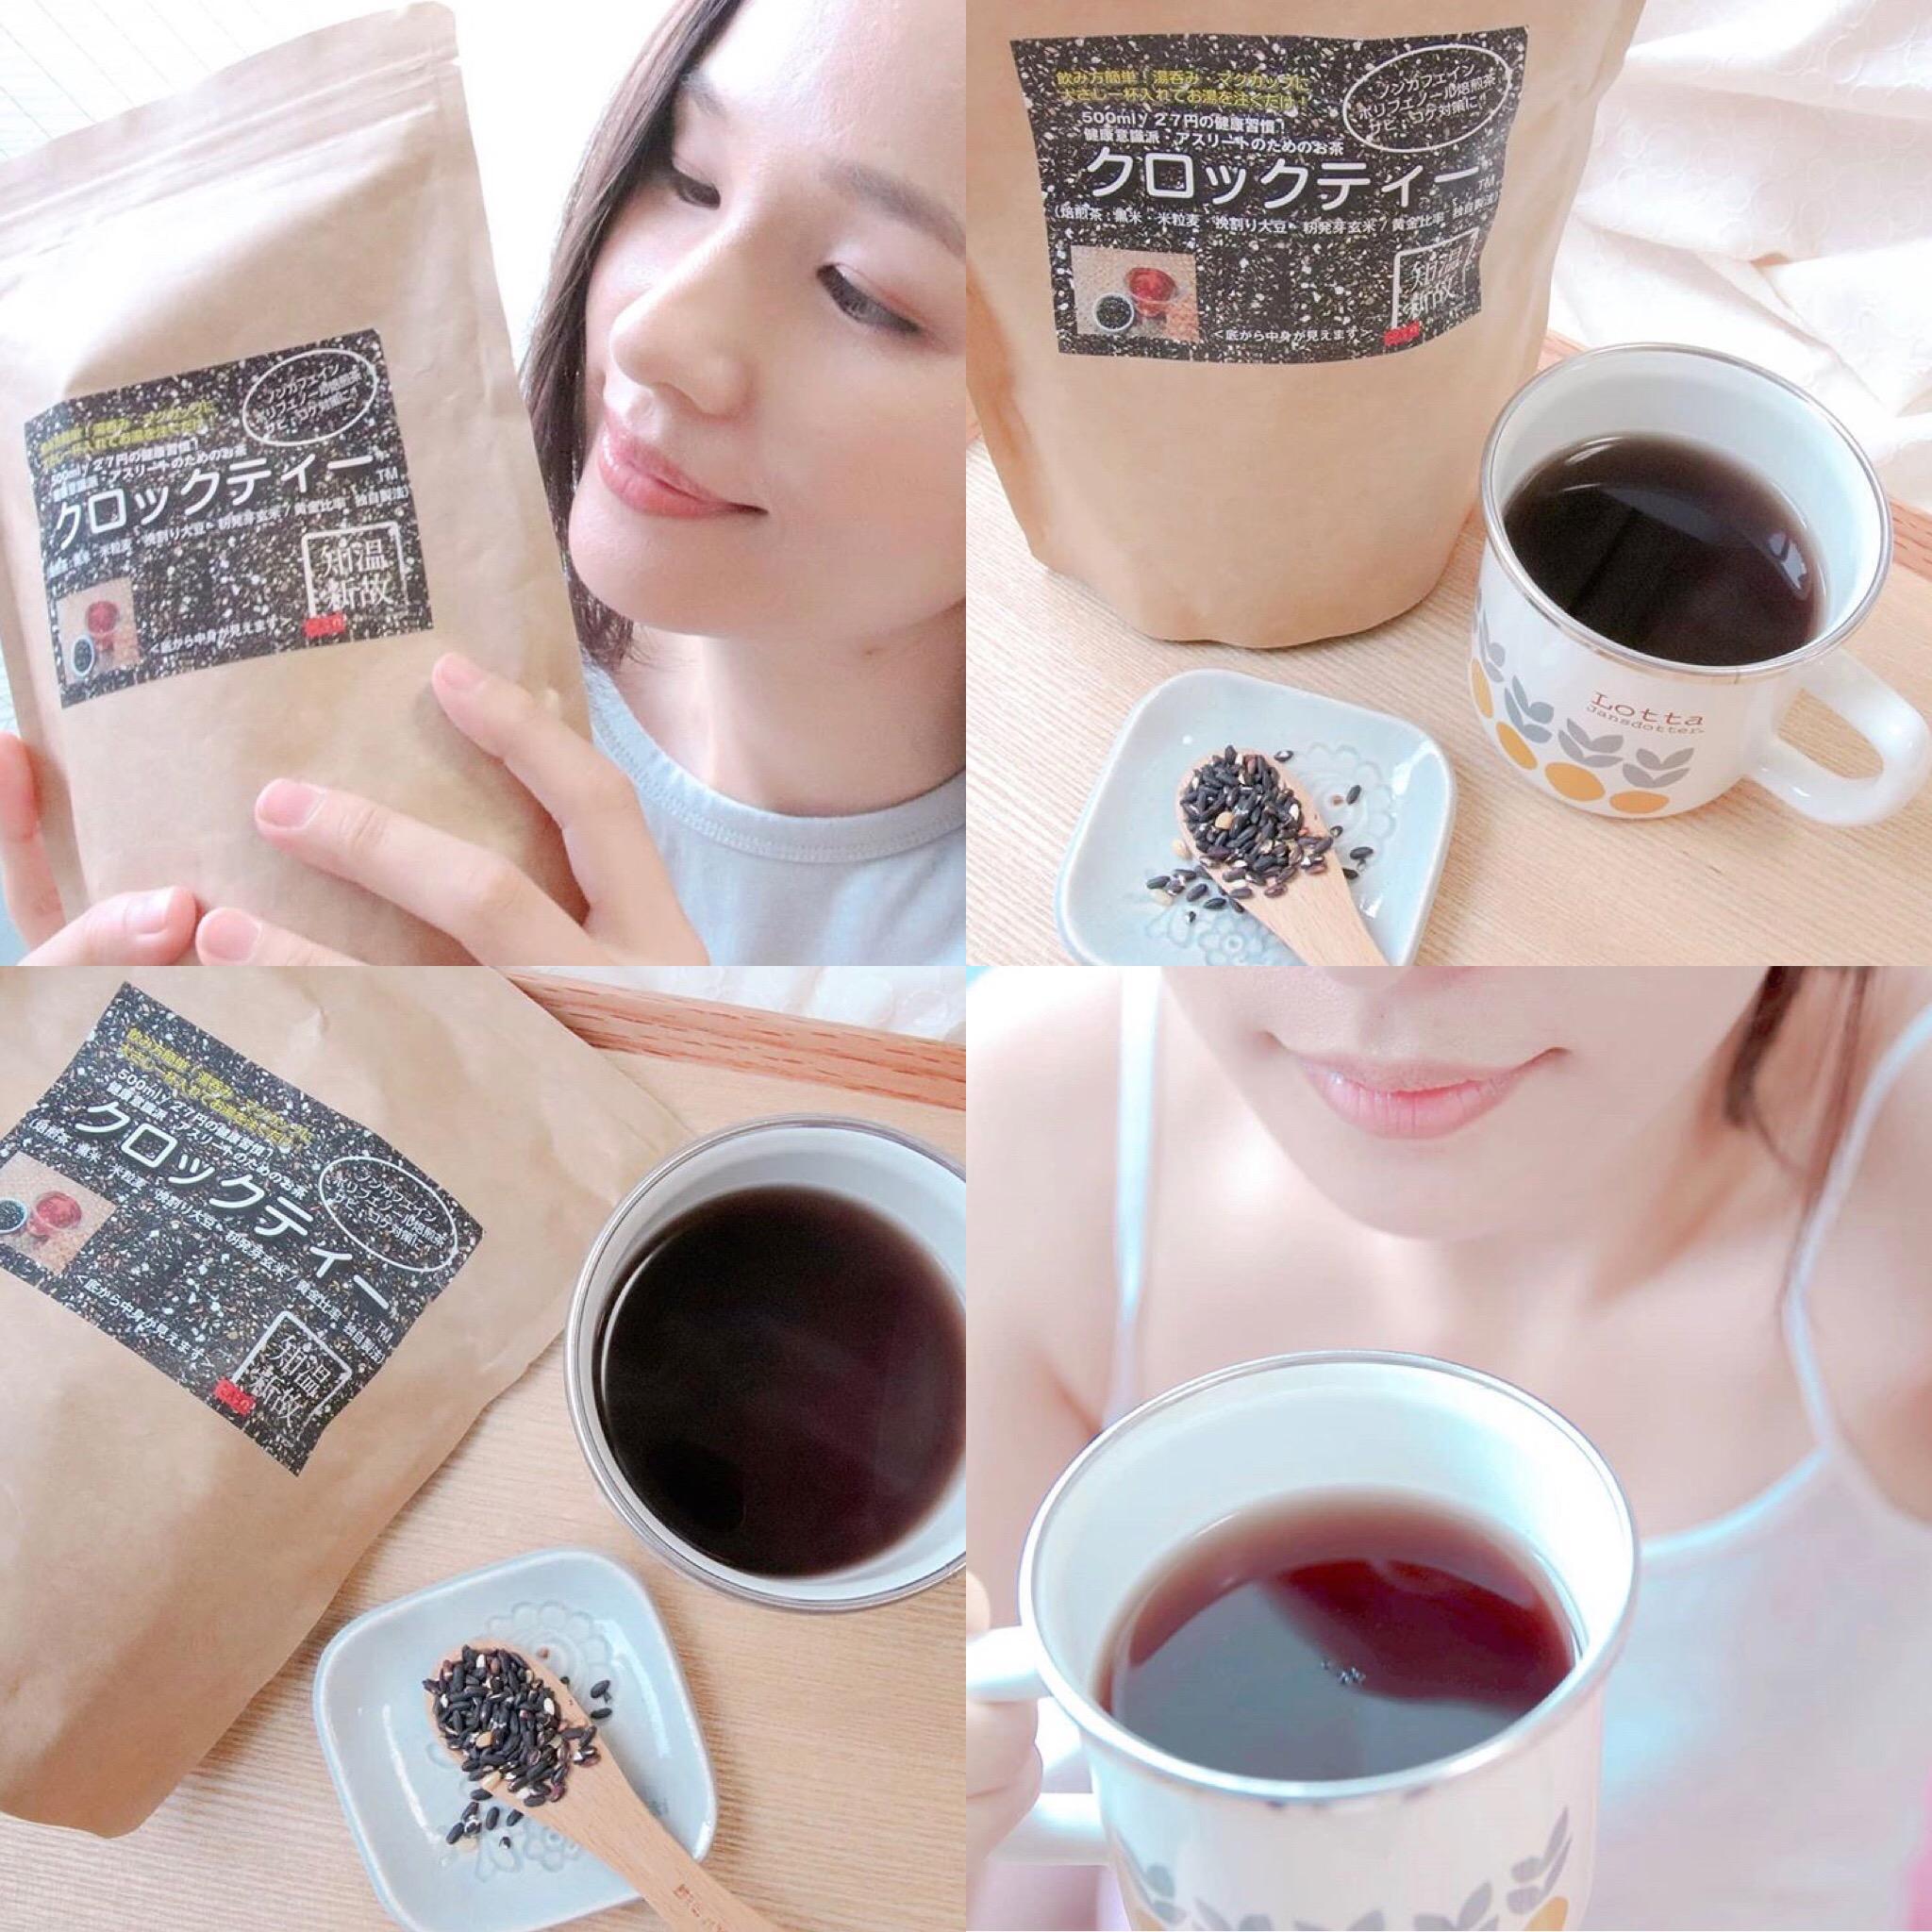 ファイトケミカル健康茶「クロックティー」